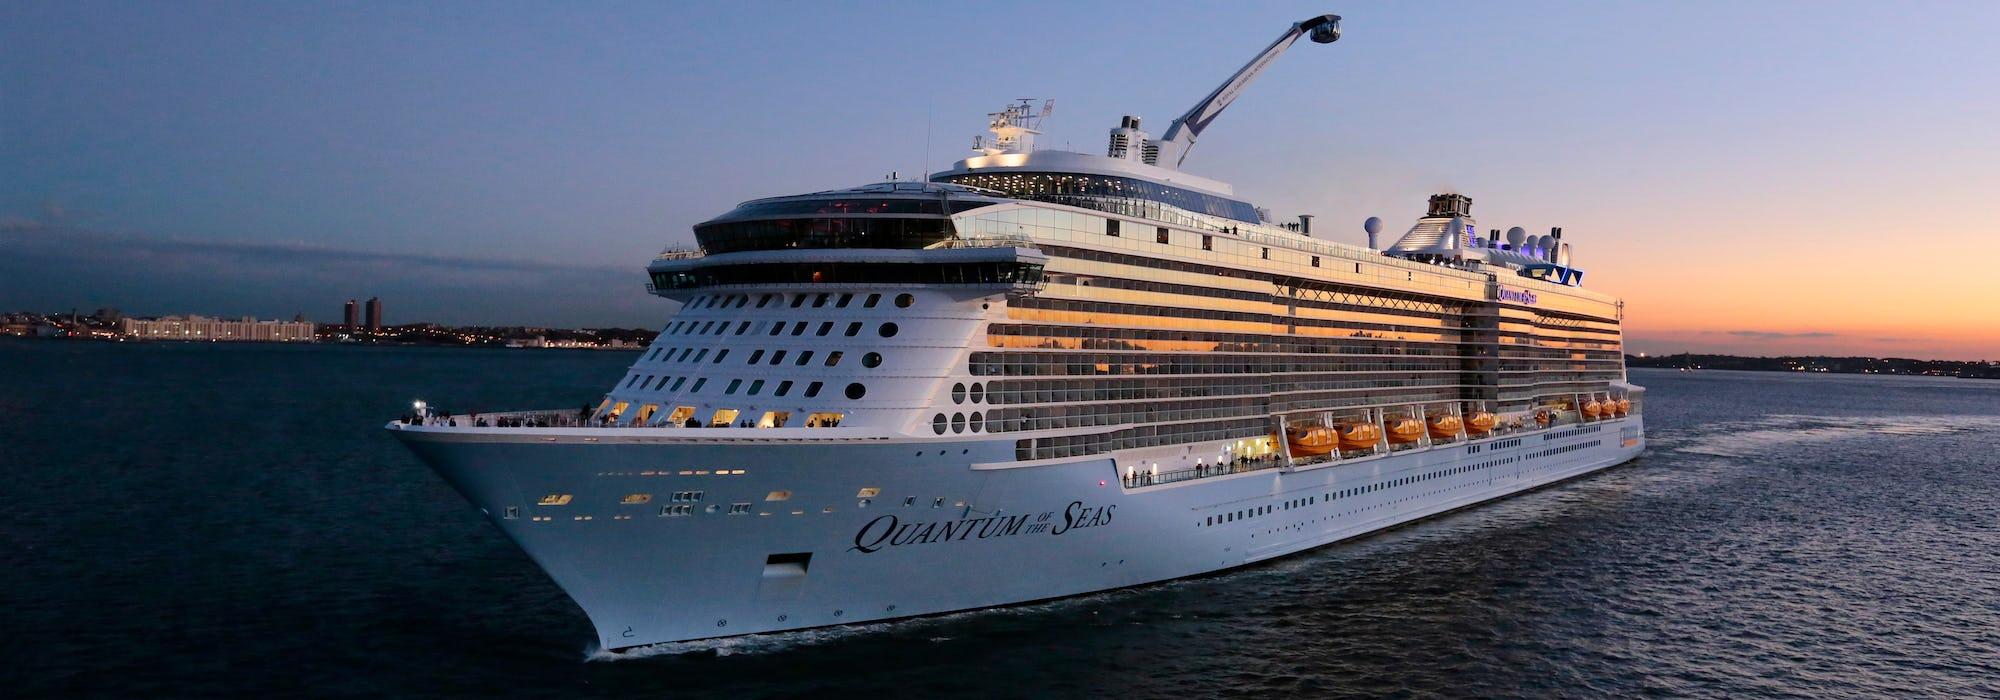 Bild på Quantum of the Seas tagen snett framifrån i solnedgången.